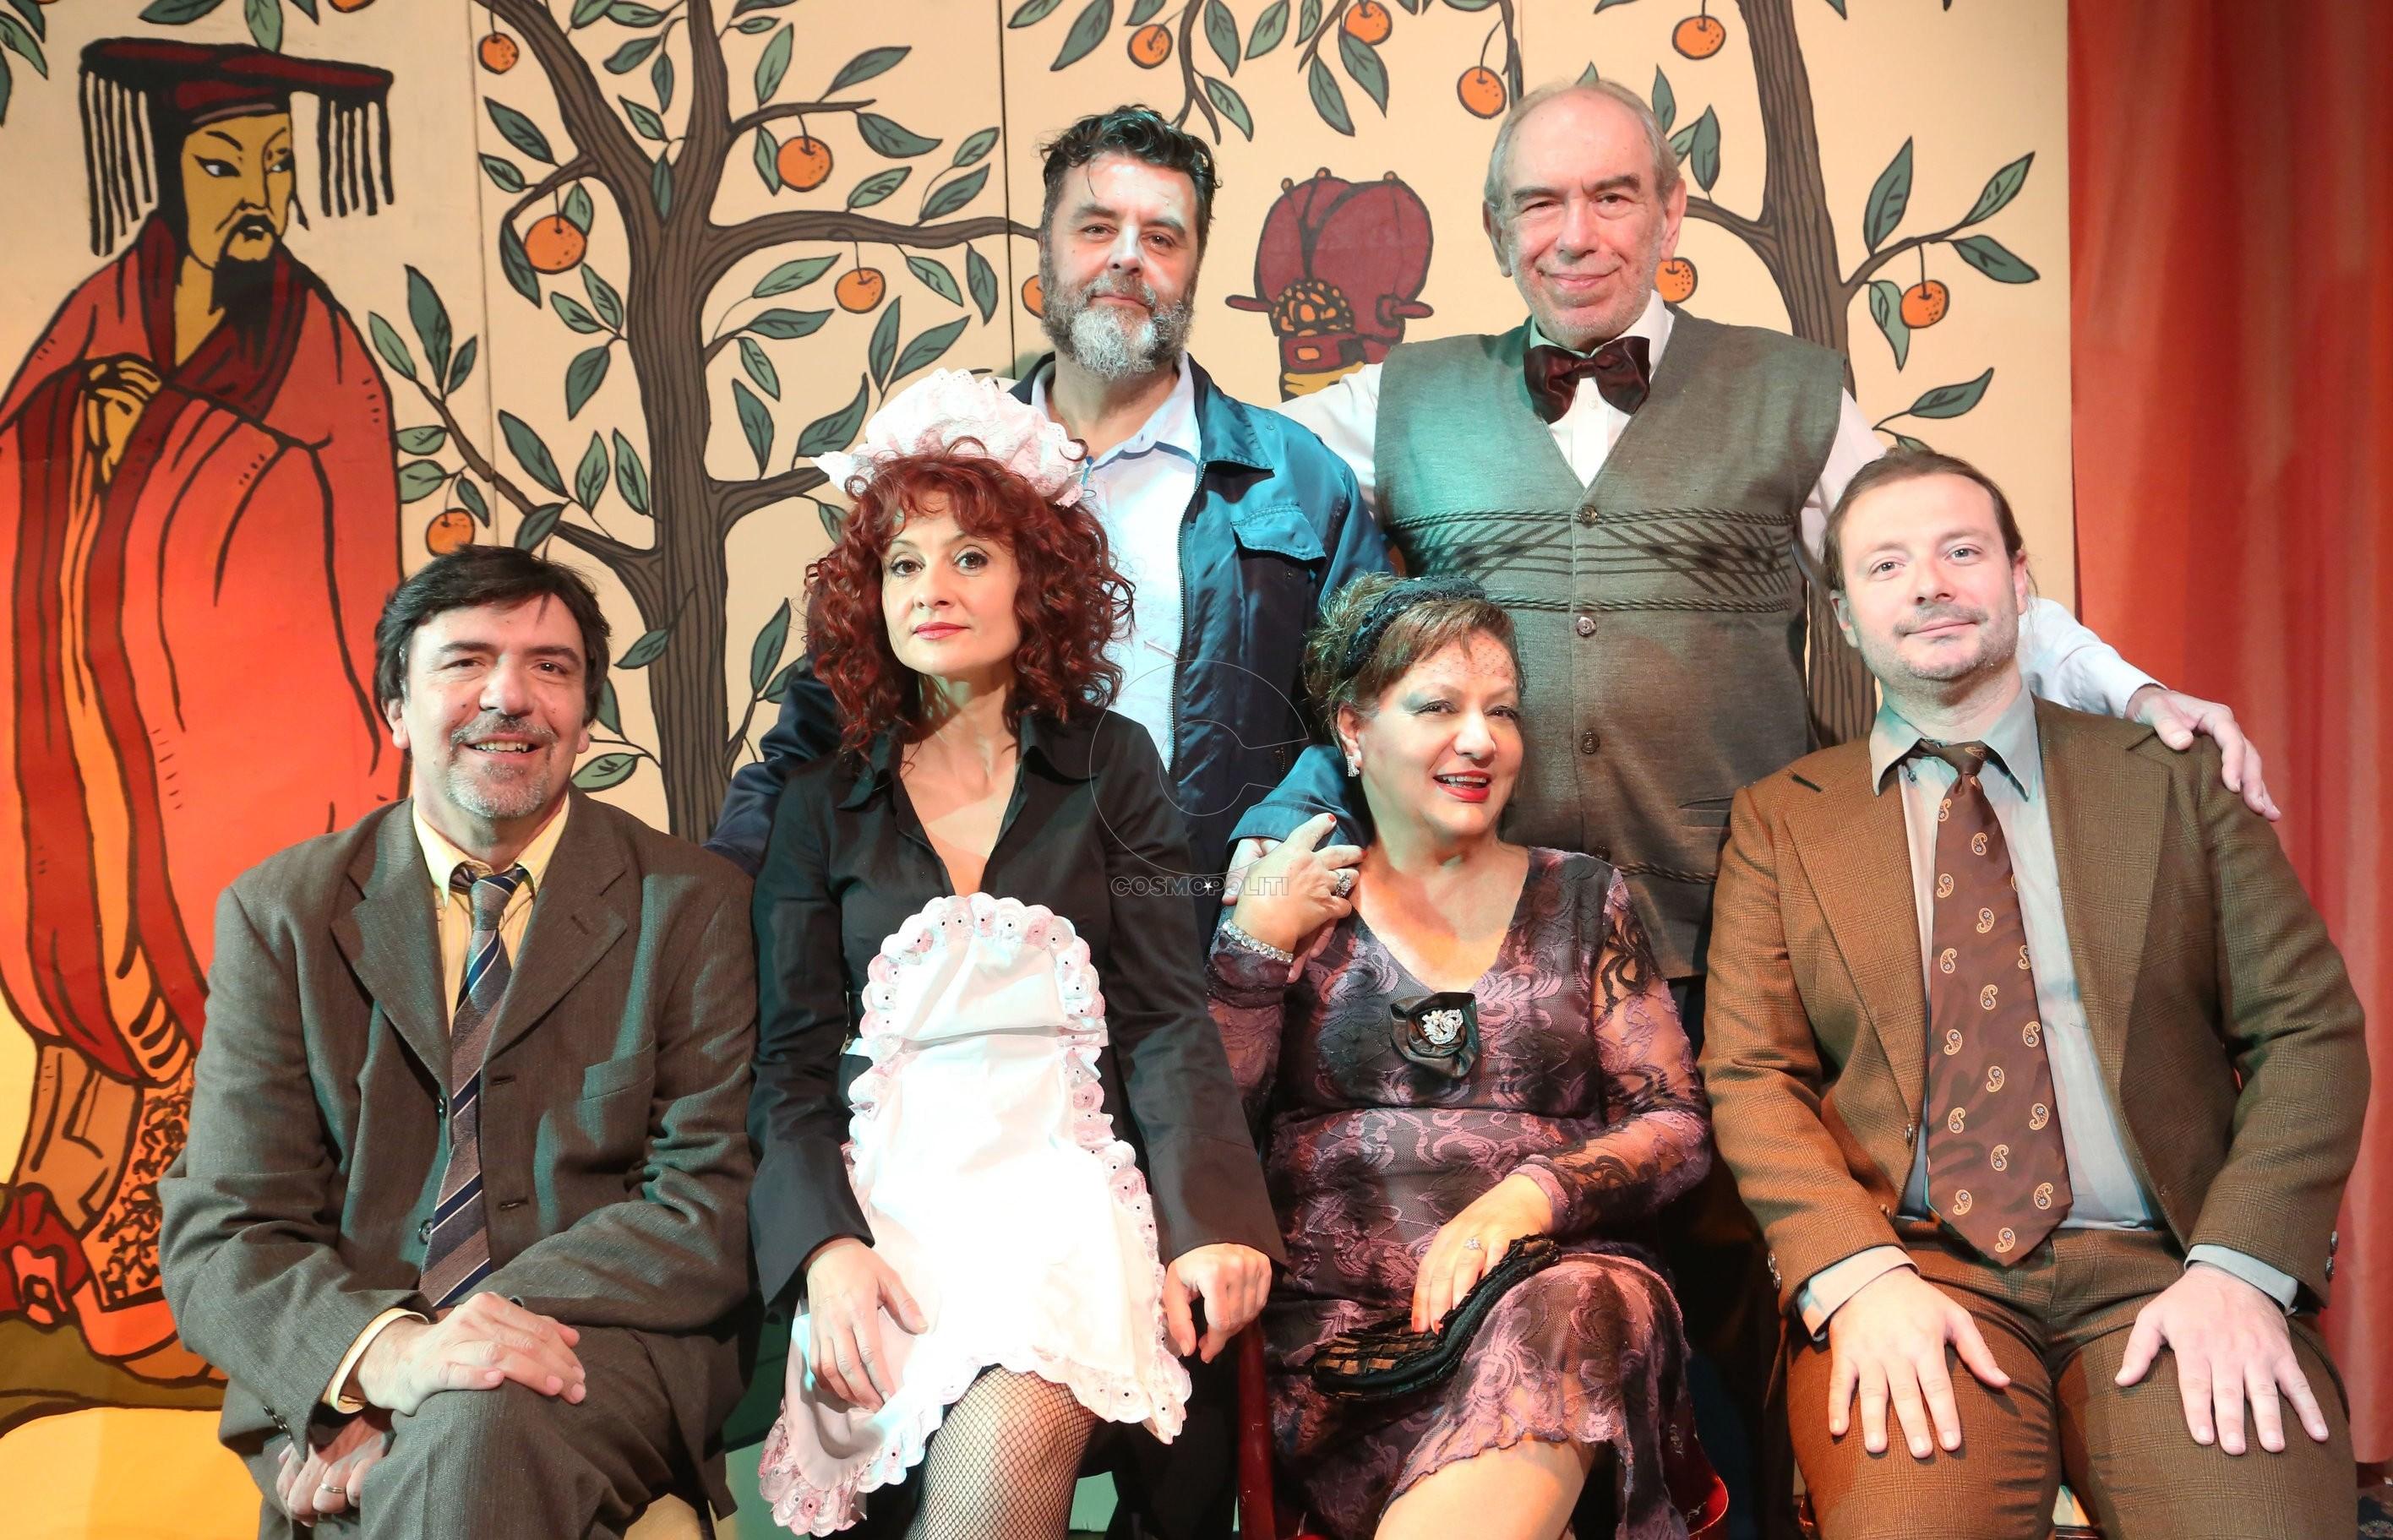 8€ από 15€ για είσοδο στη σπαρταριστή ανατρεπτική κωμωδία χαρακτήρων του Ρομπέρ Τομά ''Το Δωμάτιο με τους Μανδαρίνους'', στο θέατρο ''Πρόβα''